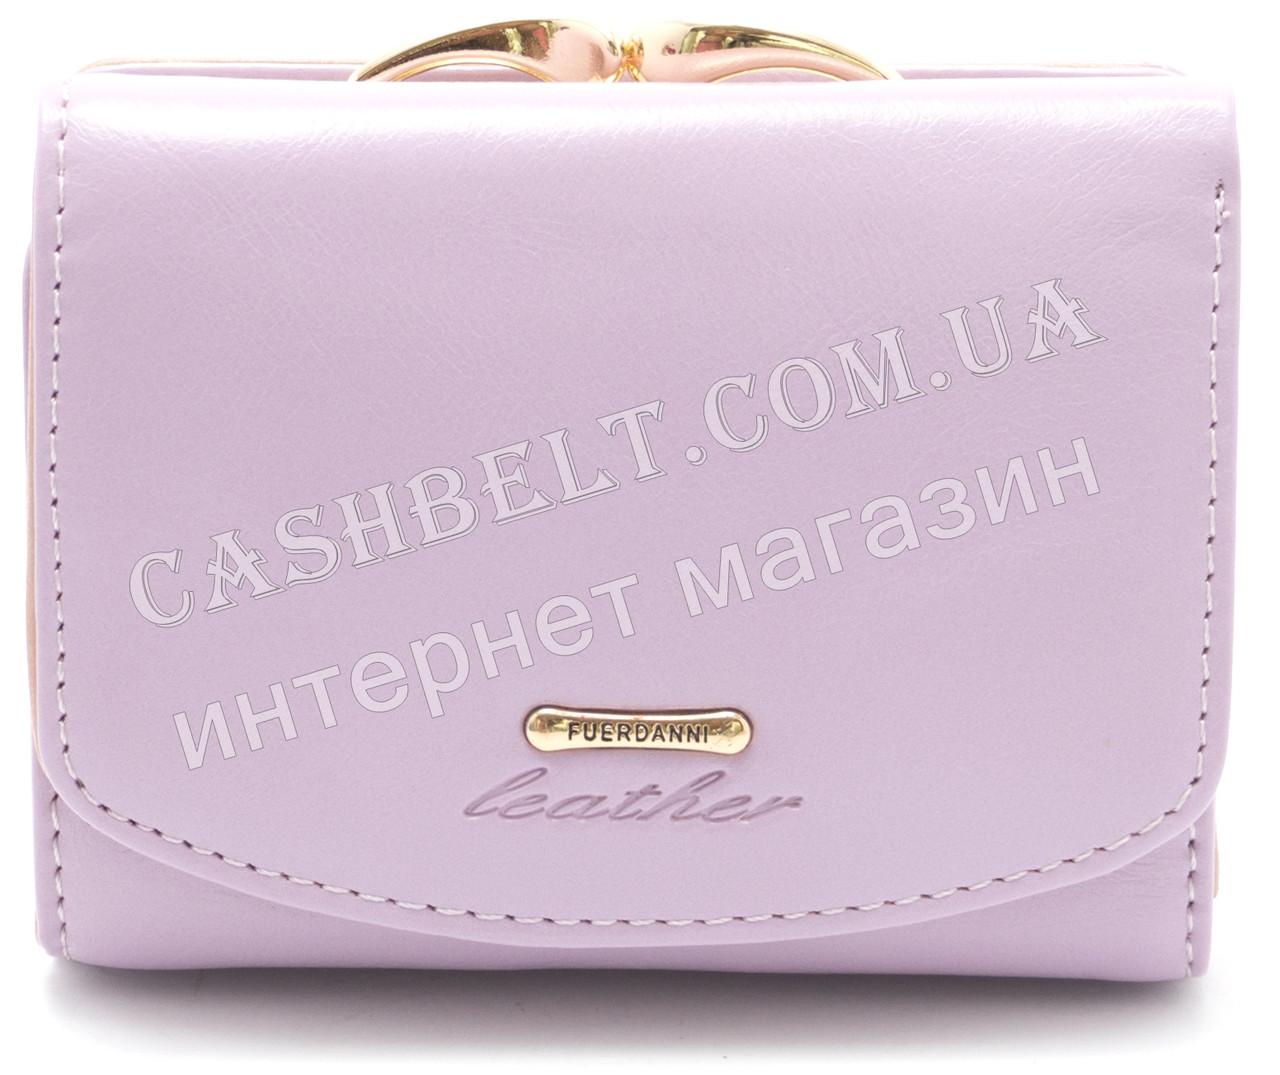 Женский  кошелек глянцевый бледно фиолетового цвета FUERDANI art.2668